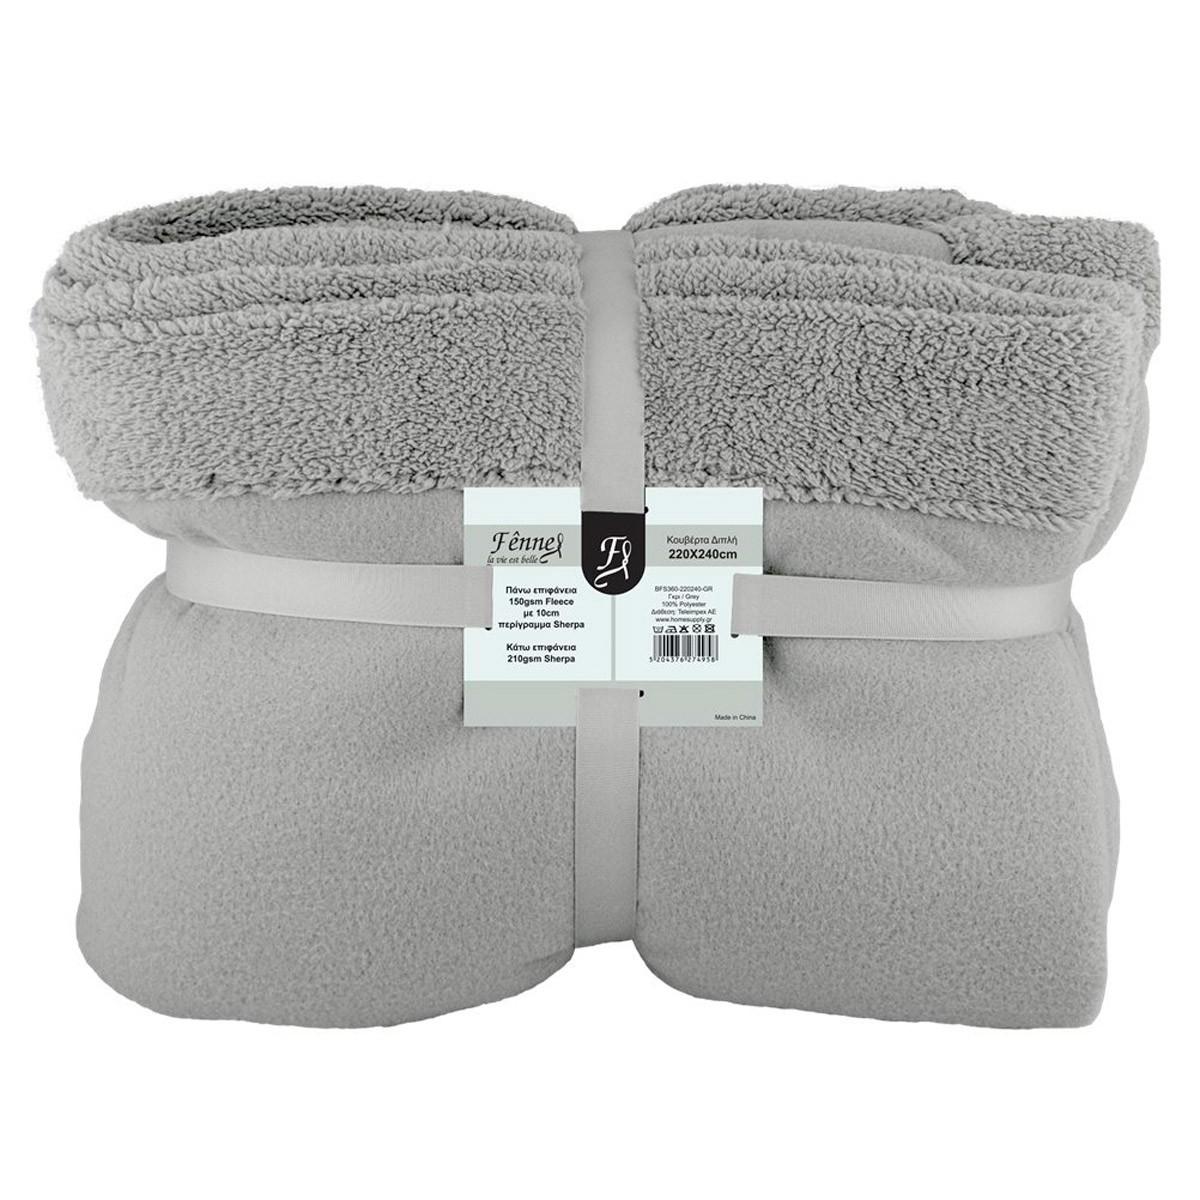 Κουβέρτα Fleece Υπέρδιπλη Fennel BFS360 Grey